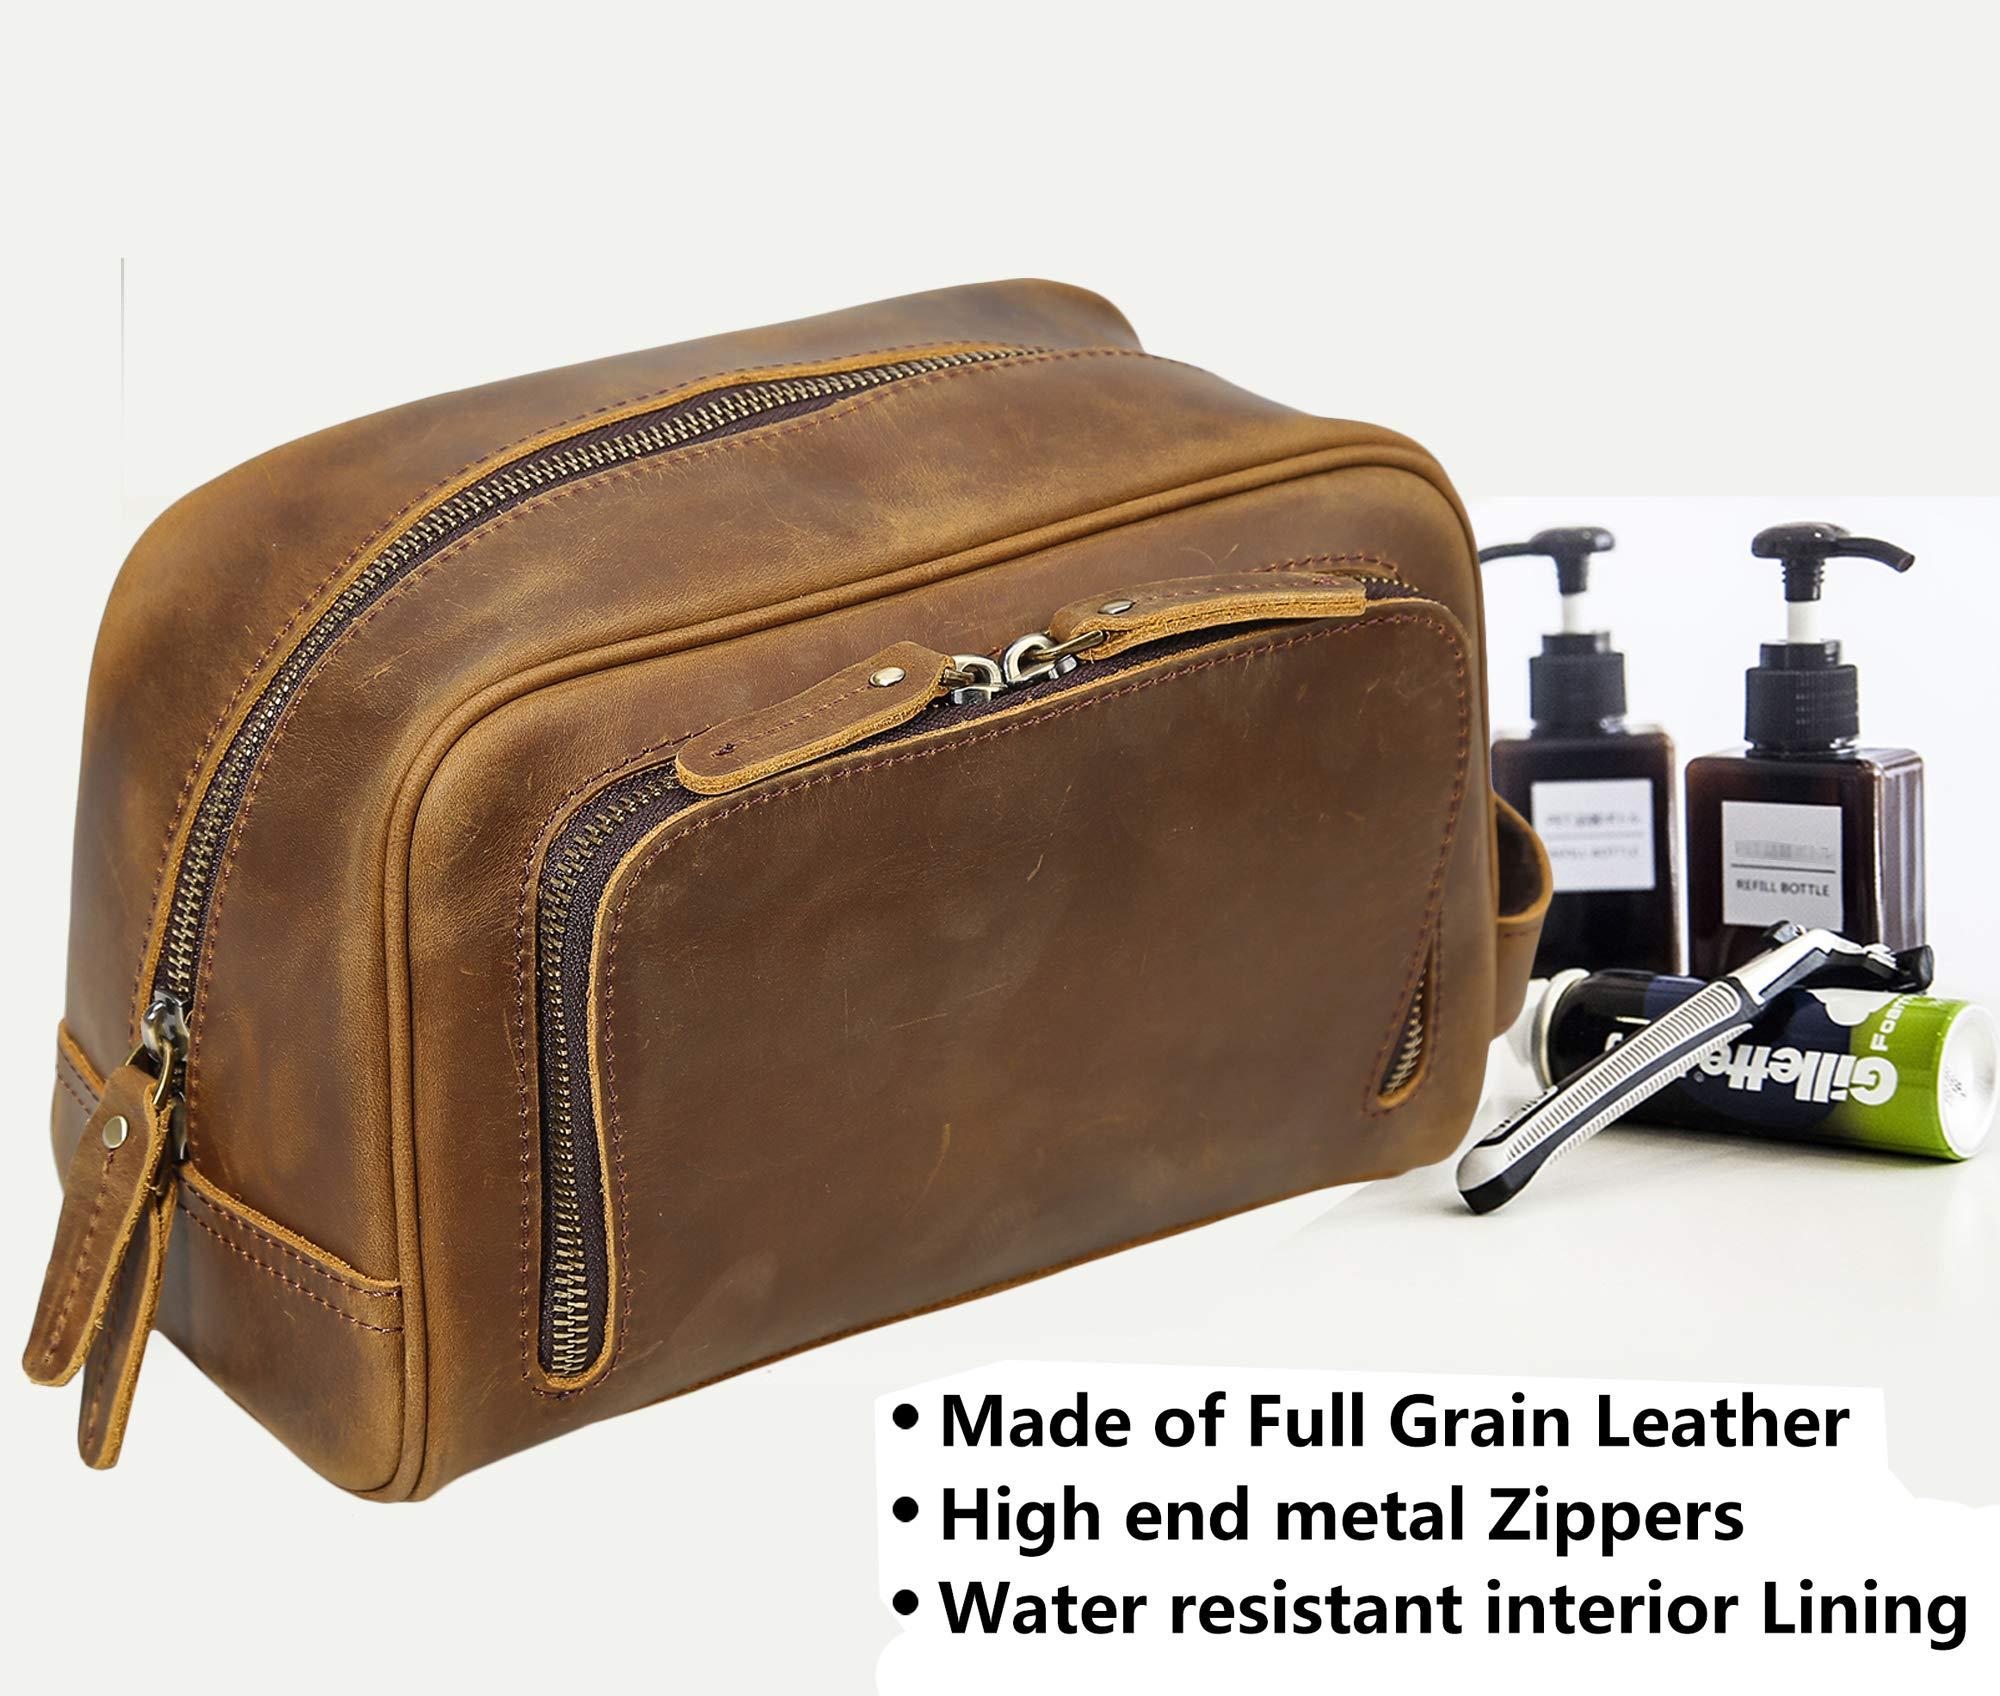 Polare Vintage Full Grain Leather Handmade Travel Toiletry Bag for Men - Dopp Kit - Shaving Kit by POLARE ORIGINAL (Image #6)